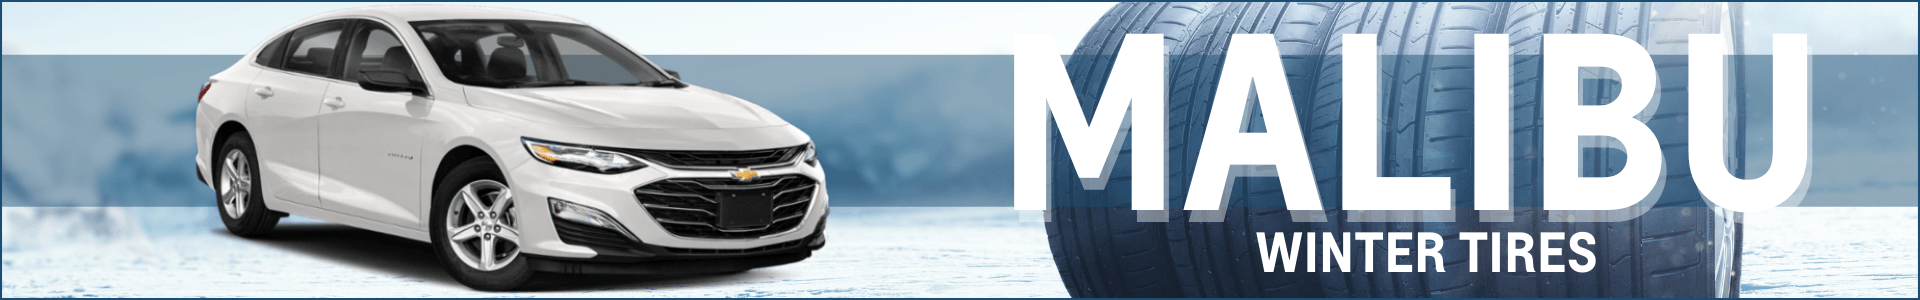 Malibu winter tire deals in Oshawa